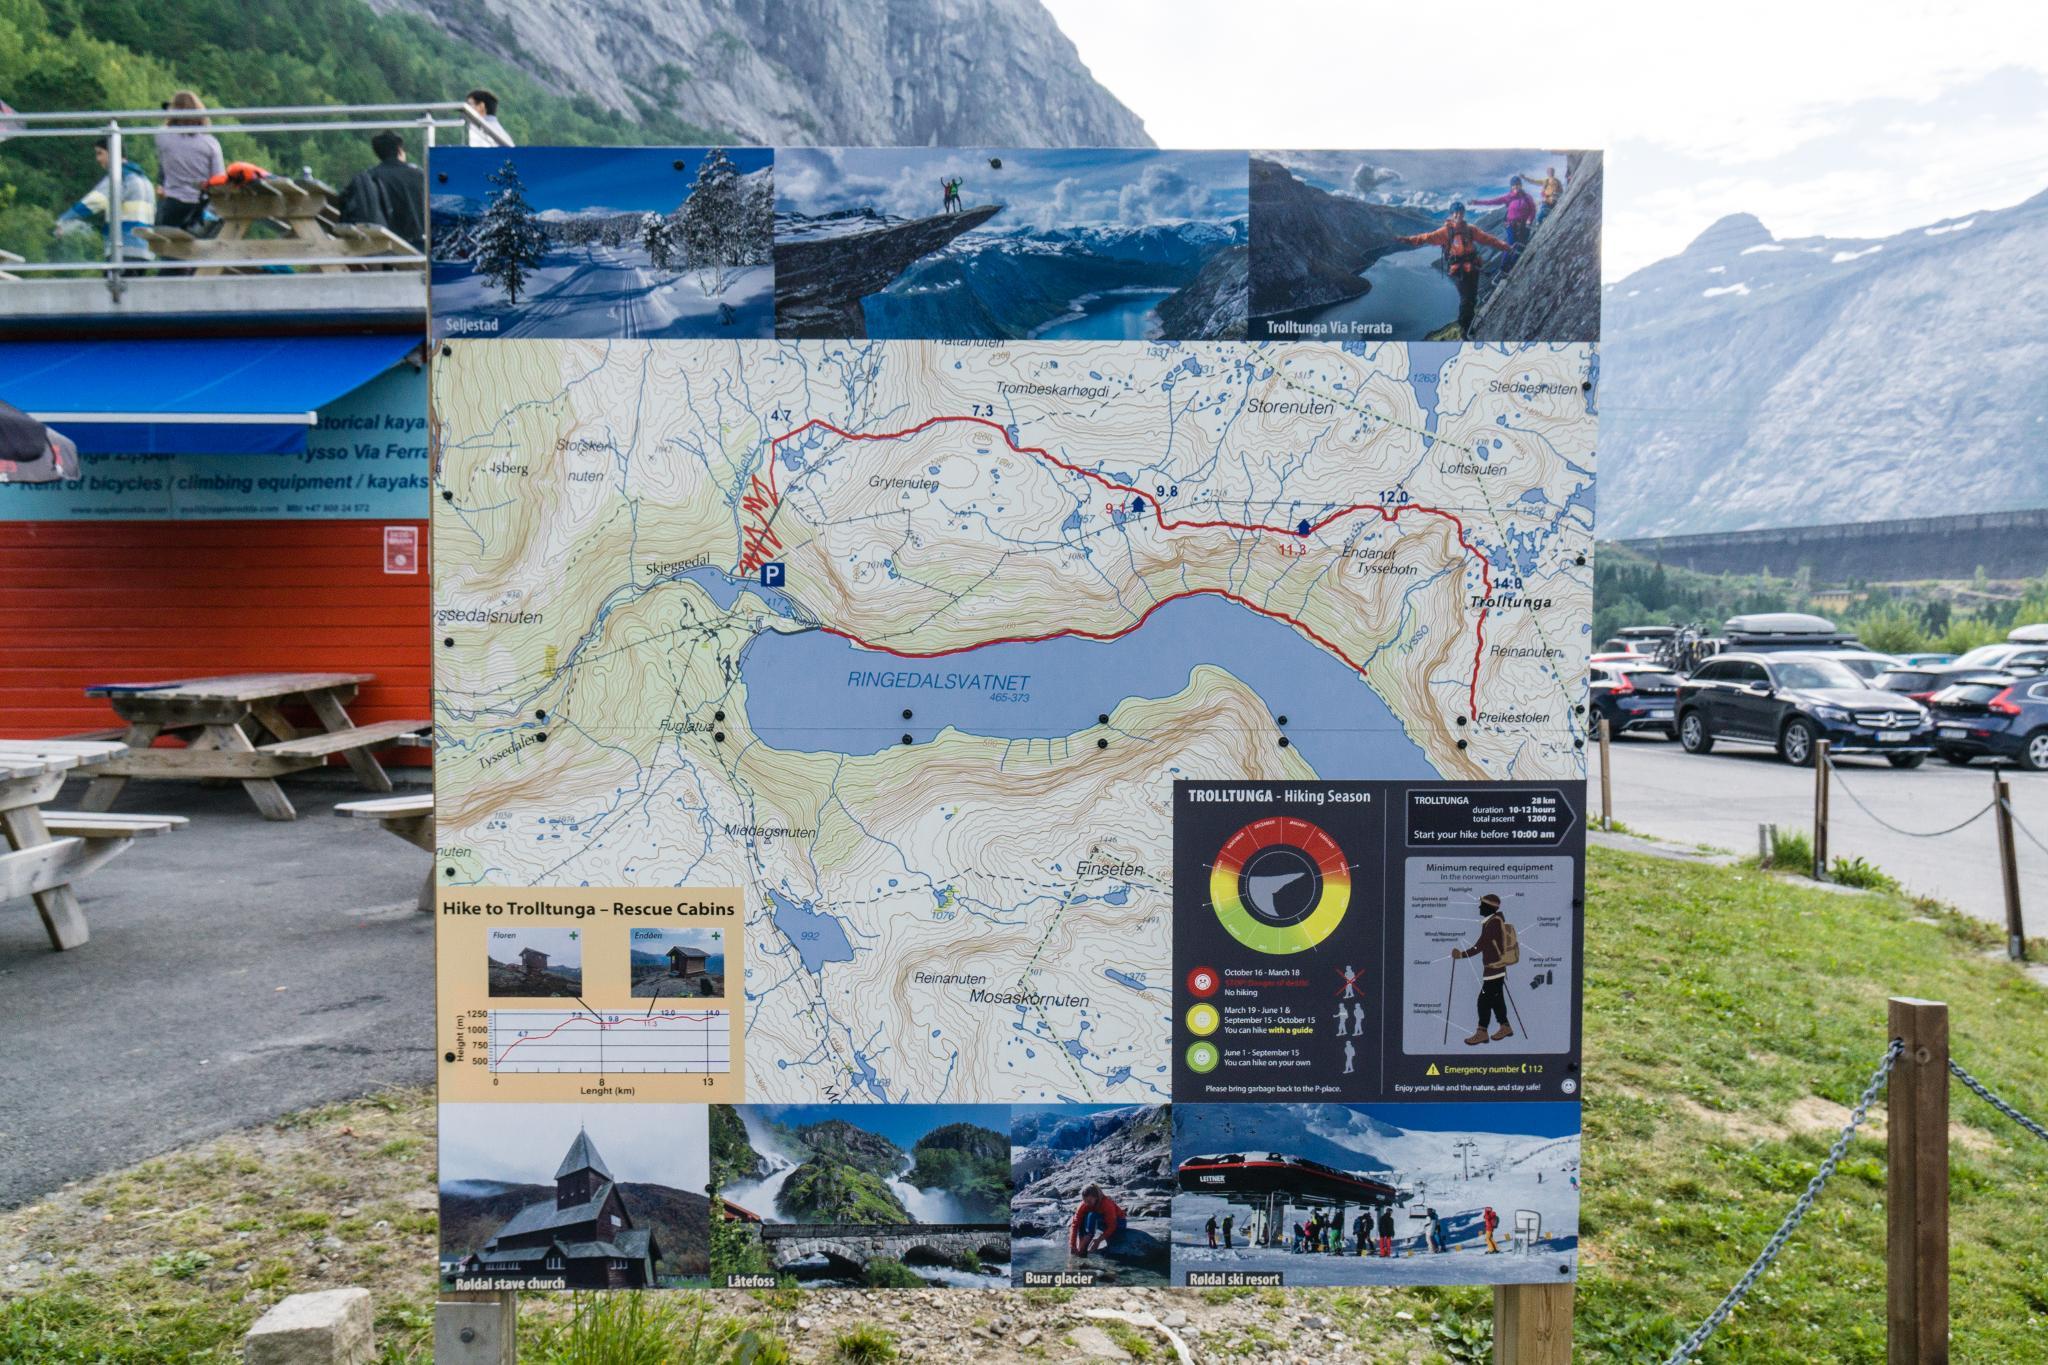 【北歐景點】挪威惡魔之舌 Trolltunga — 28公里健行挑戰全攻略 177